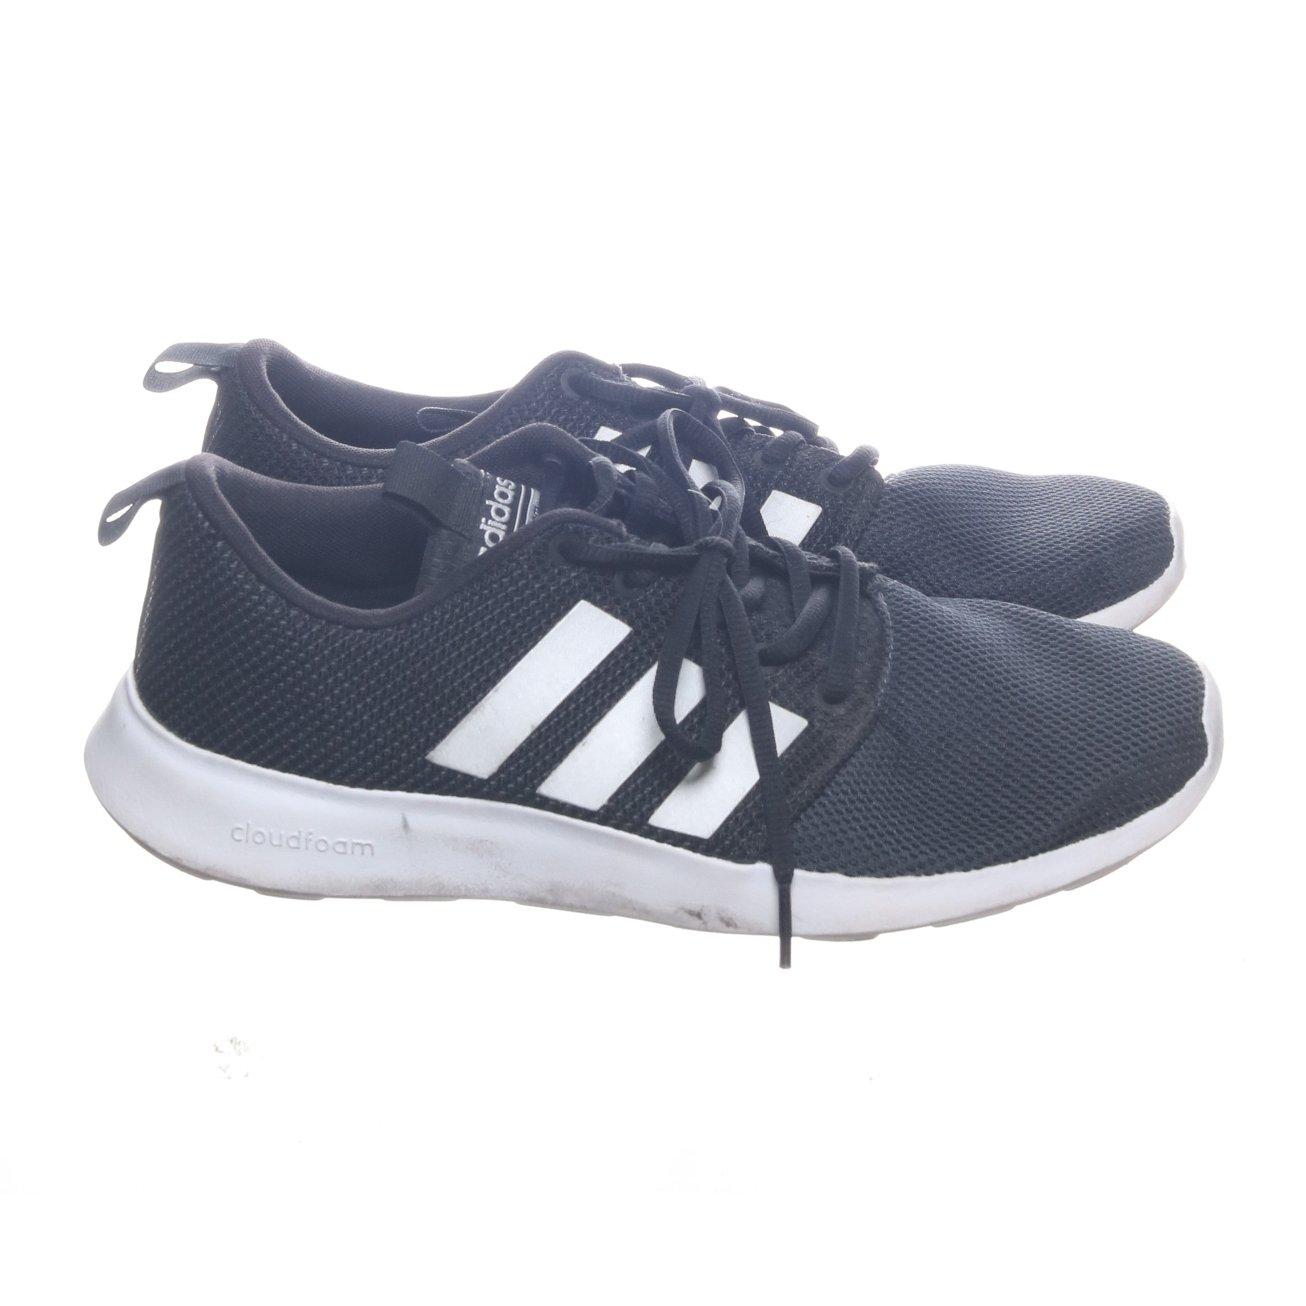 Adidas NEO, Träningsskor, Strl: 42, Svart